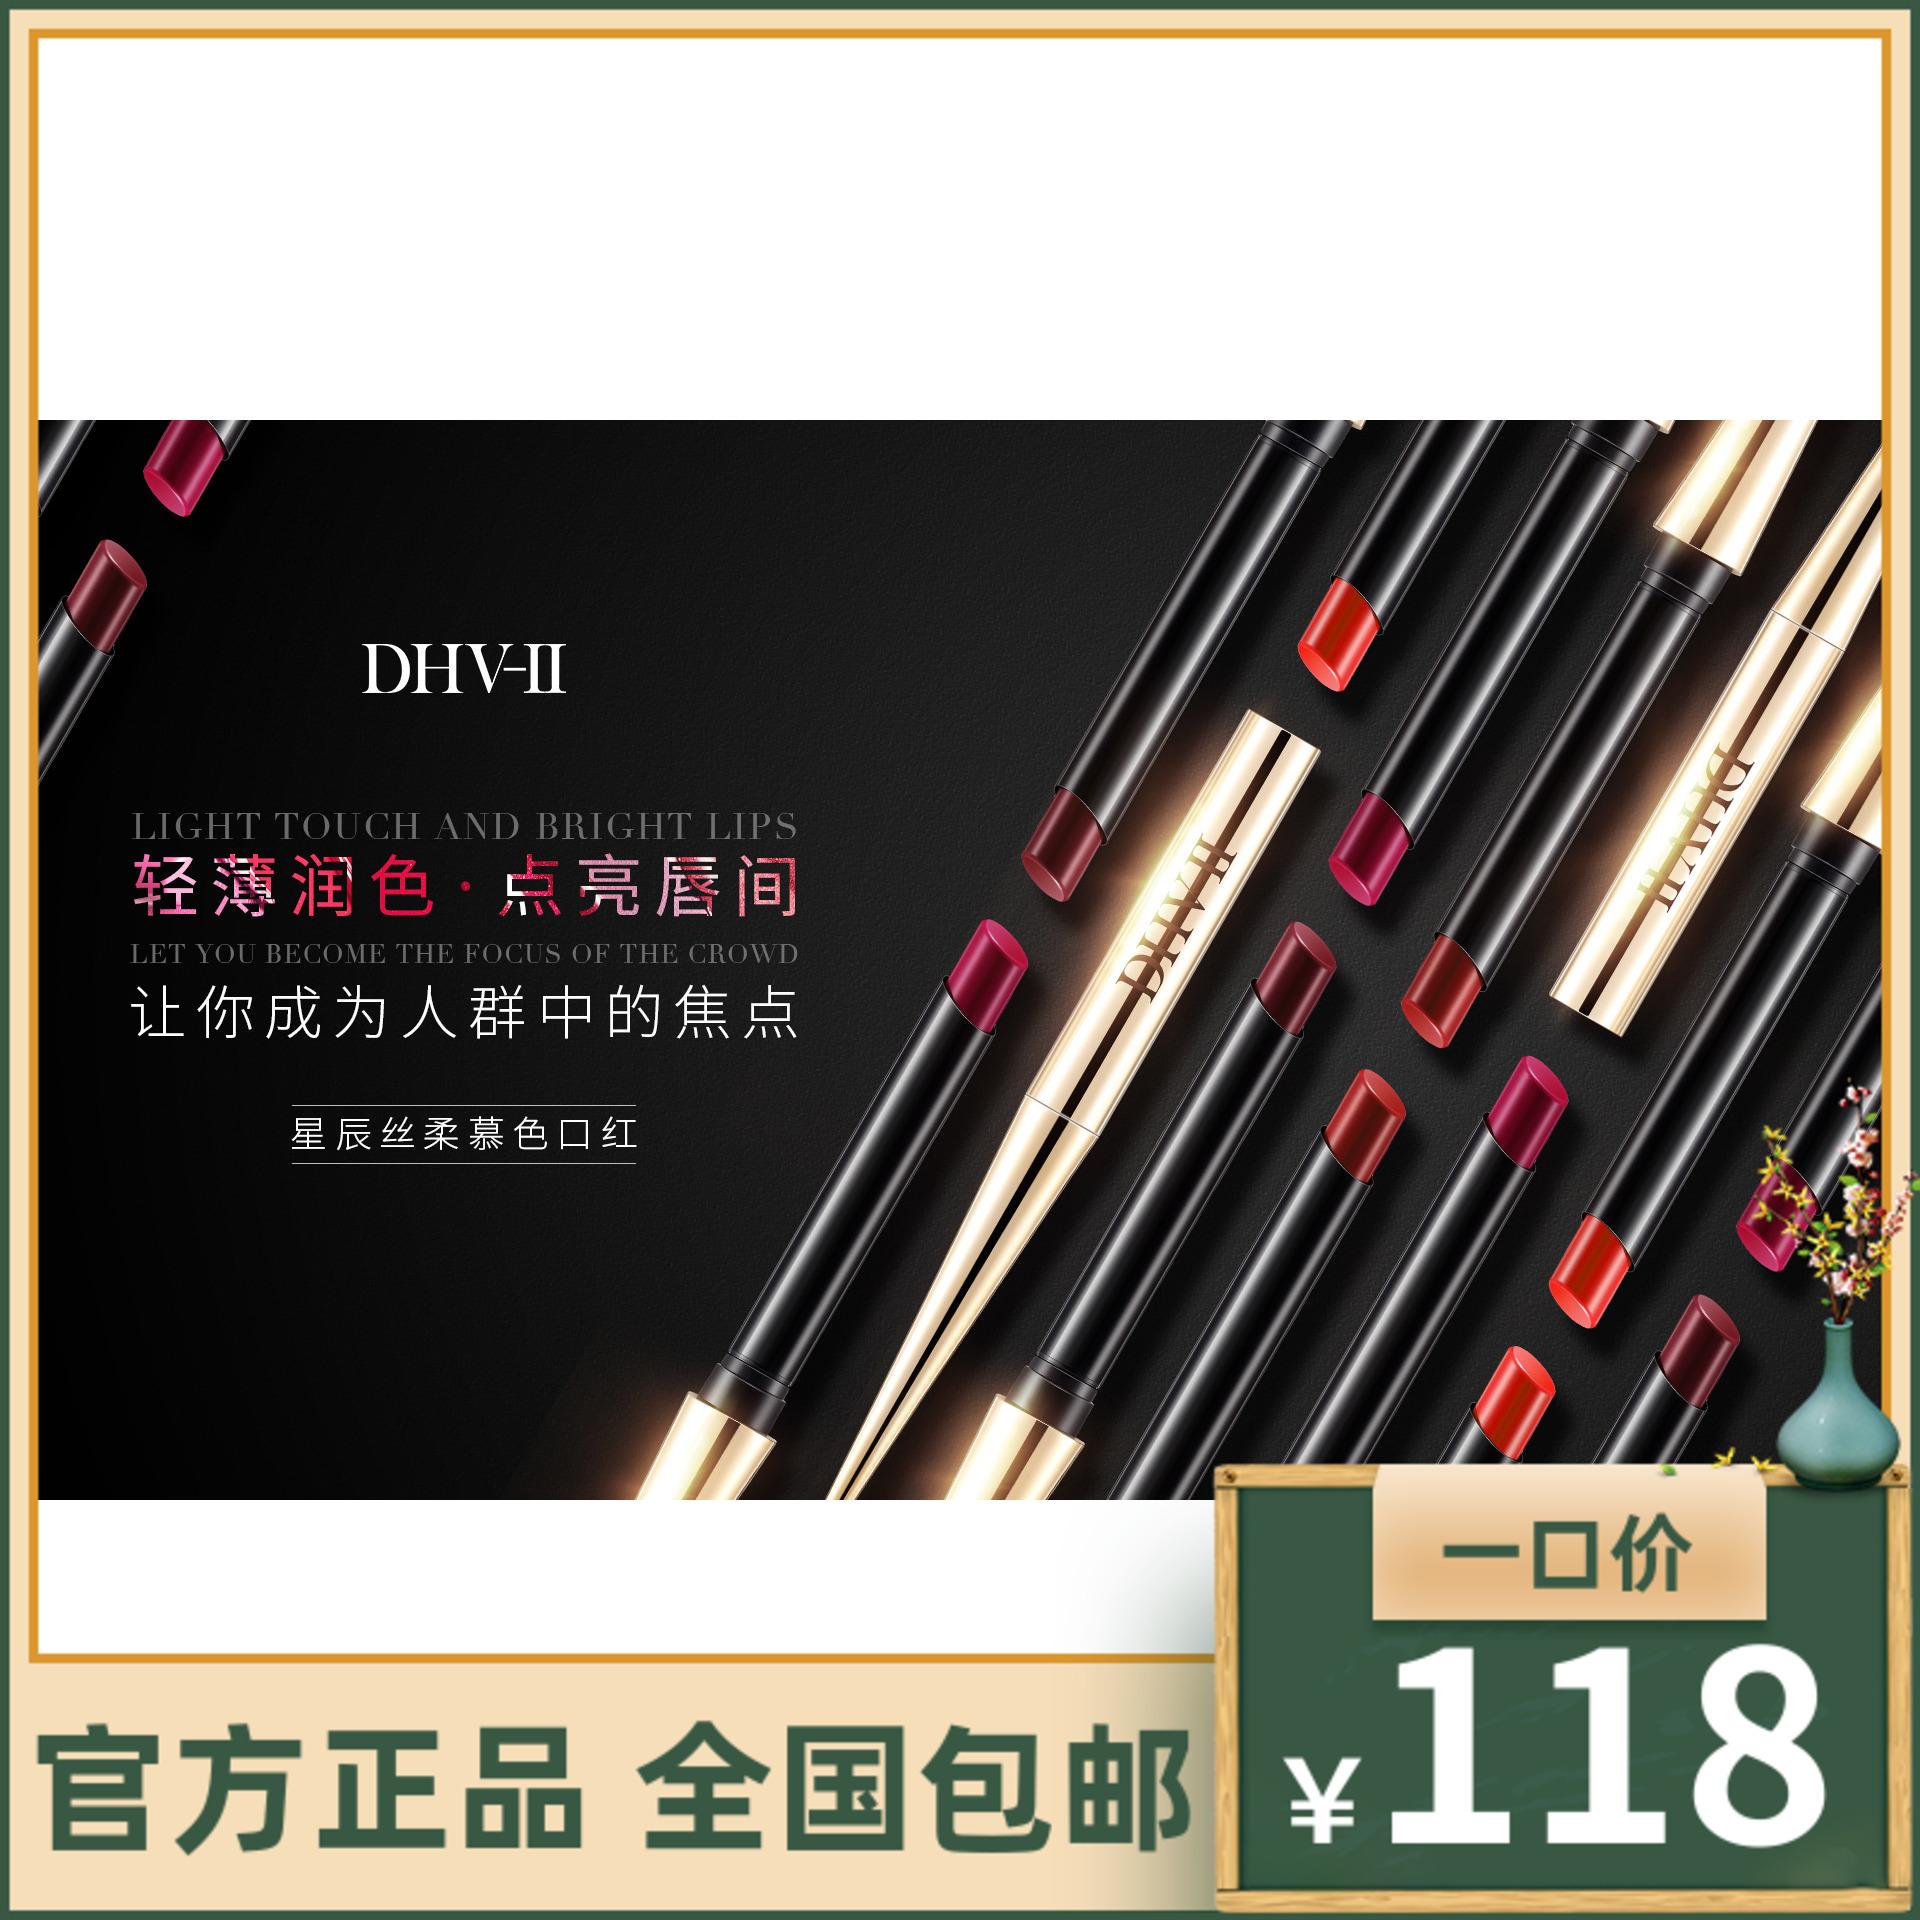 DHV烟管口红新品彩妆星辰丝绒滋润亮丽饱满持久不易掉色